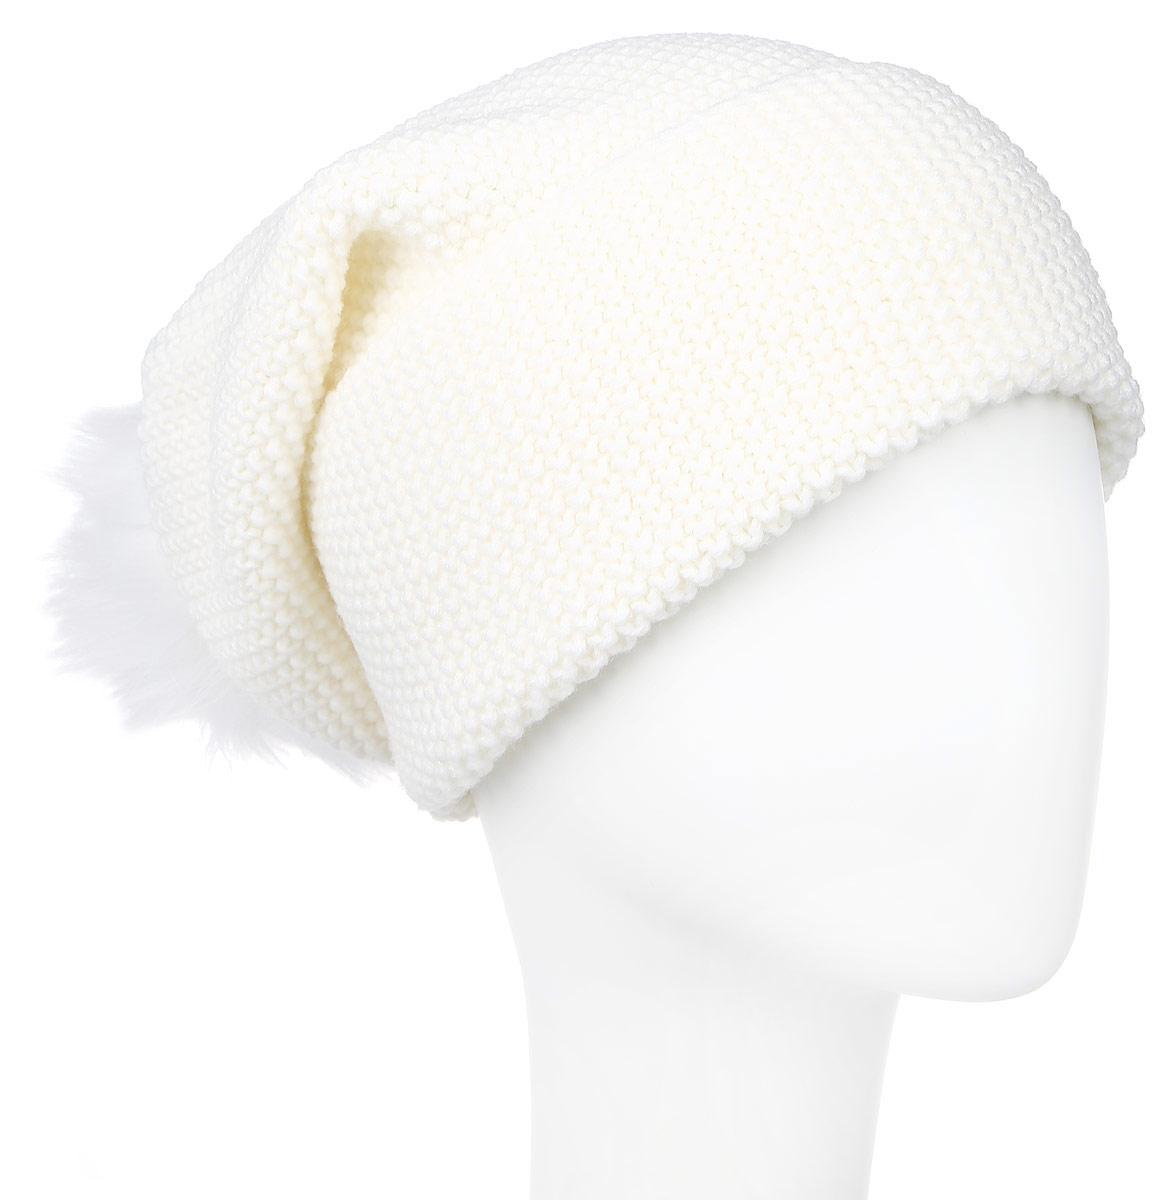 Шапка женская Baon, цвет: молочный. B346539. Размер универсальныйB346539_MILKВязаная женская шапка Baon выполнена из высококачественной комбинированной пряжи из шерсти и акрила, что позволяет ей великолепно сохранять тепло и обеспечивает высокую эластичность и удобство посадки. Шапка украшена крупным помпоном из натурального меха на макушке.